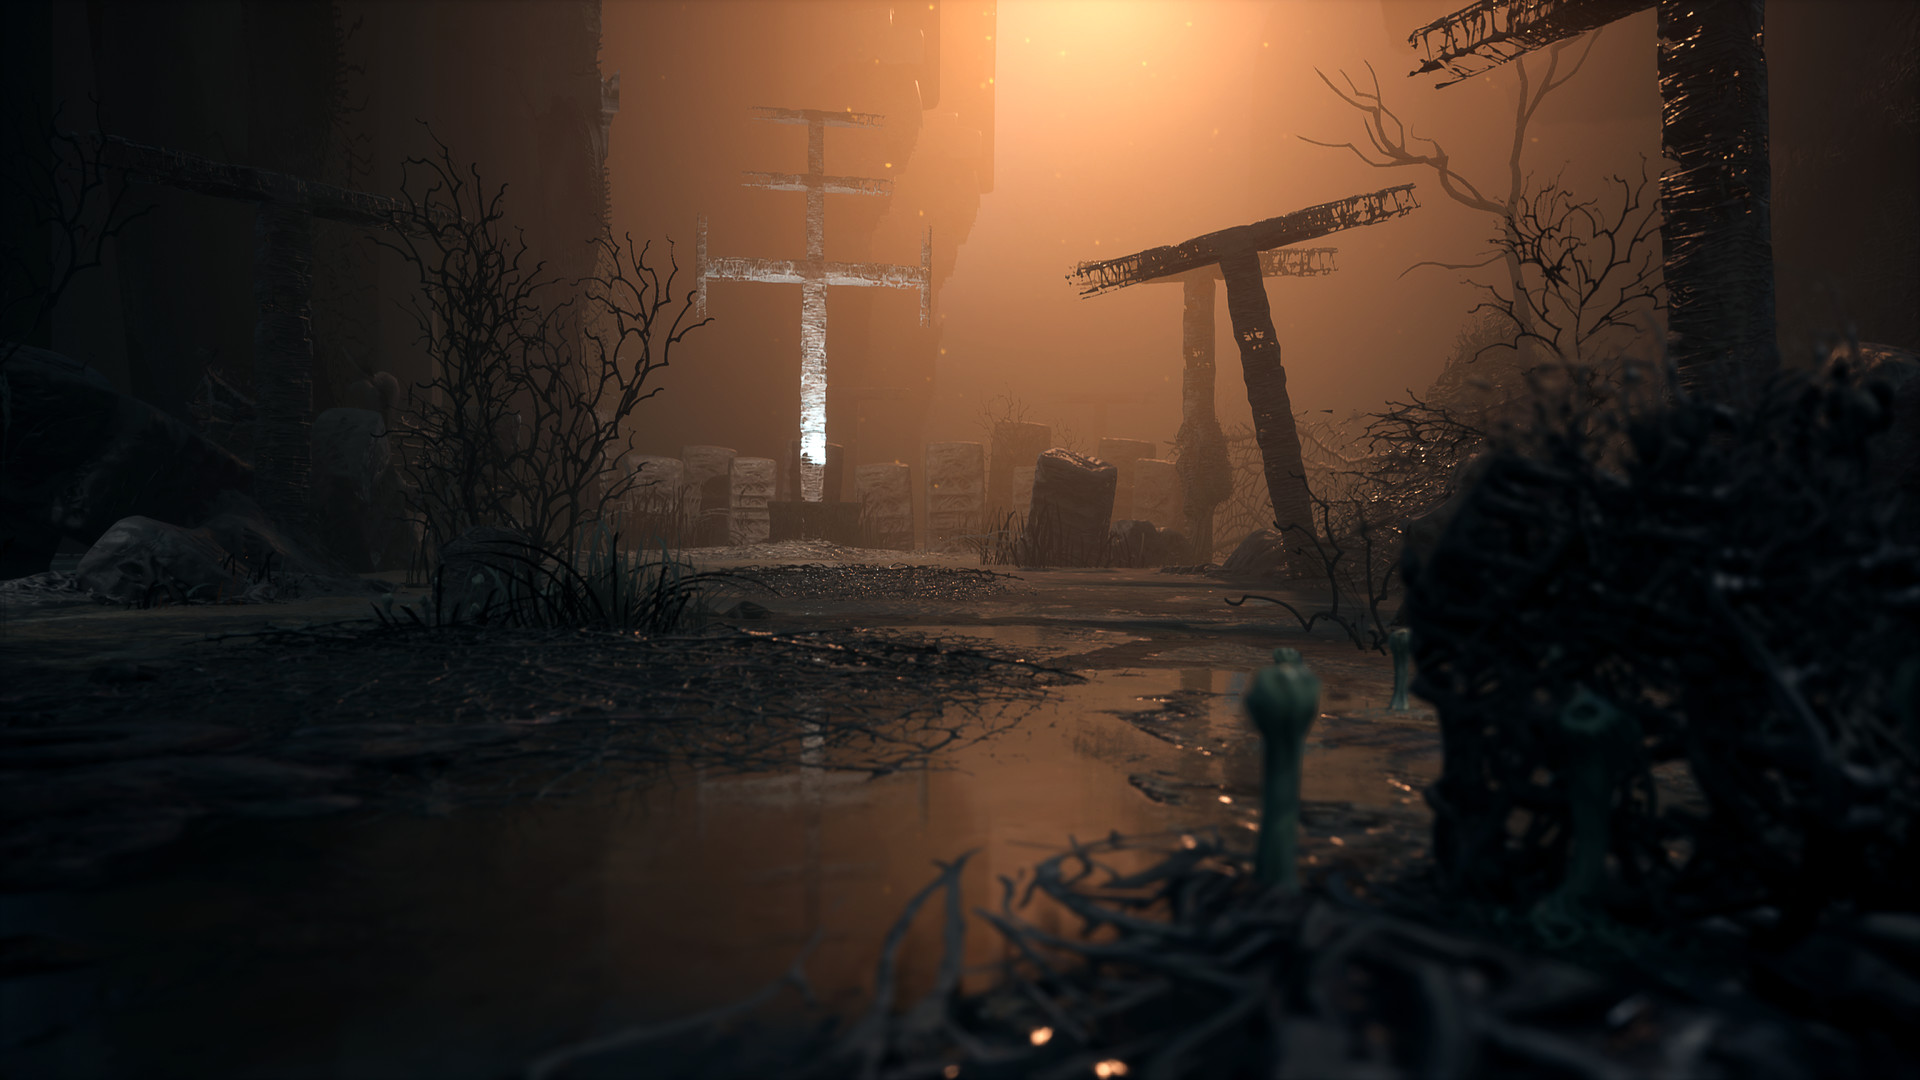 恐怖游戏《灵媒》新截图放出 实机演示将于近期公布